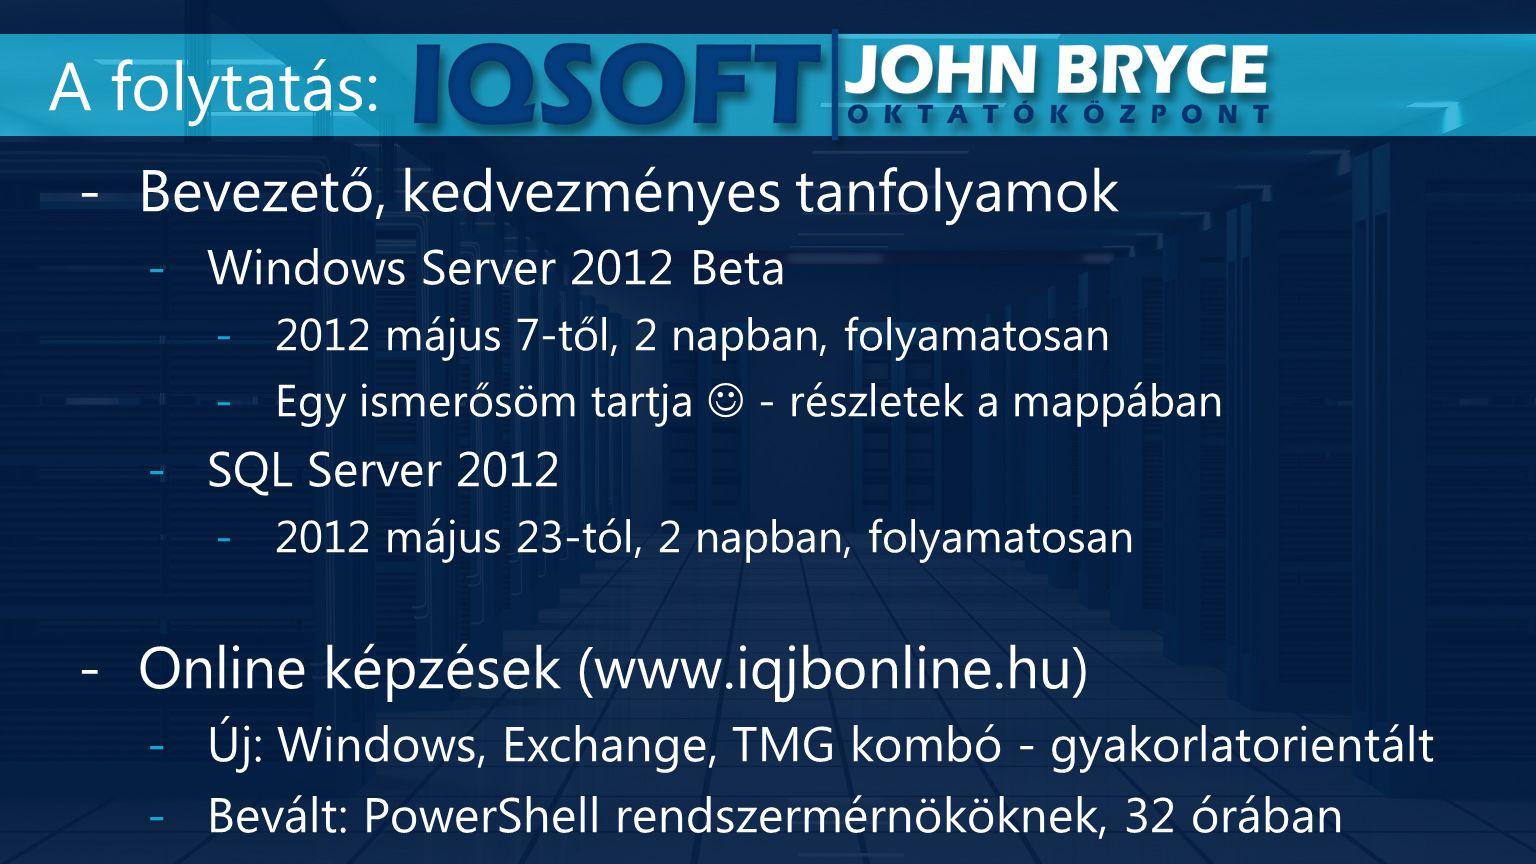 -Bevezető, kedvezményes tanfolyamok -Windows Server 2012 Beta -2012 május 7-től, 2 napban, folyamatosan -Egy ismerősöm tartja - részletek a mappában -SQL Server 2012 -2012 május 23-tól, 2 napban, folyamatosan -Online képzések (www.iqjbonline.hu) -Új: Windows, Exchange, TMG kombó - gyakorlatorientált -Bevált: PowerShell rendszermérnököknek, 32 órában A folytatás: